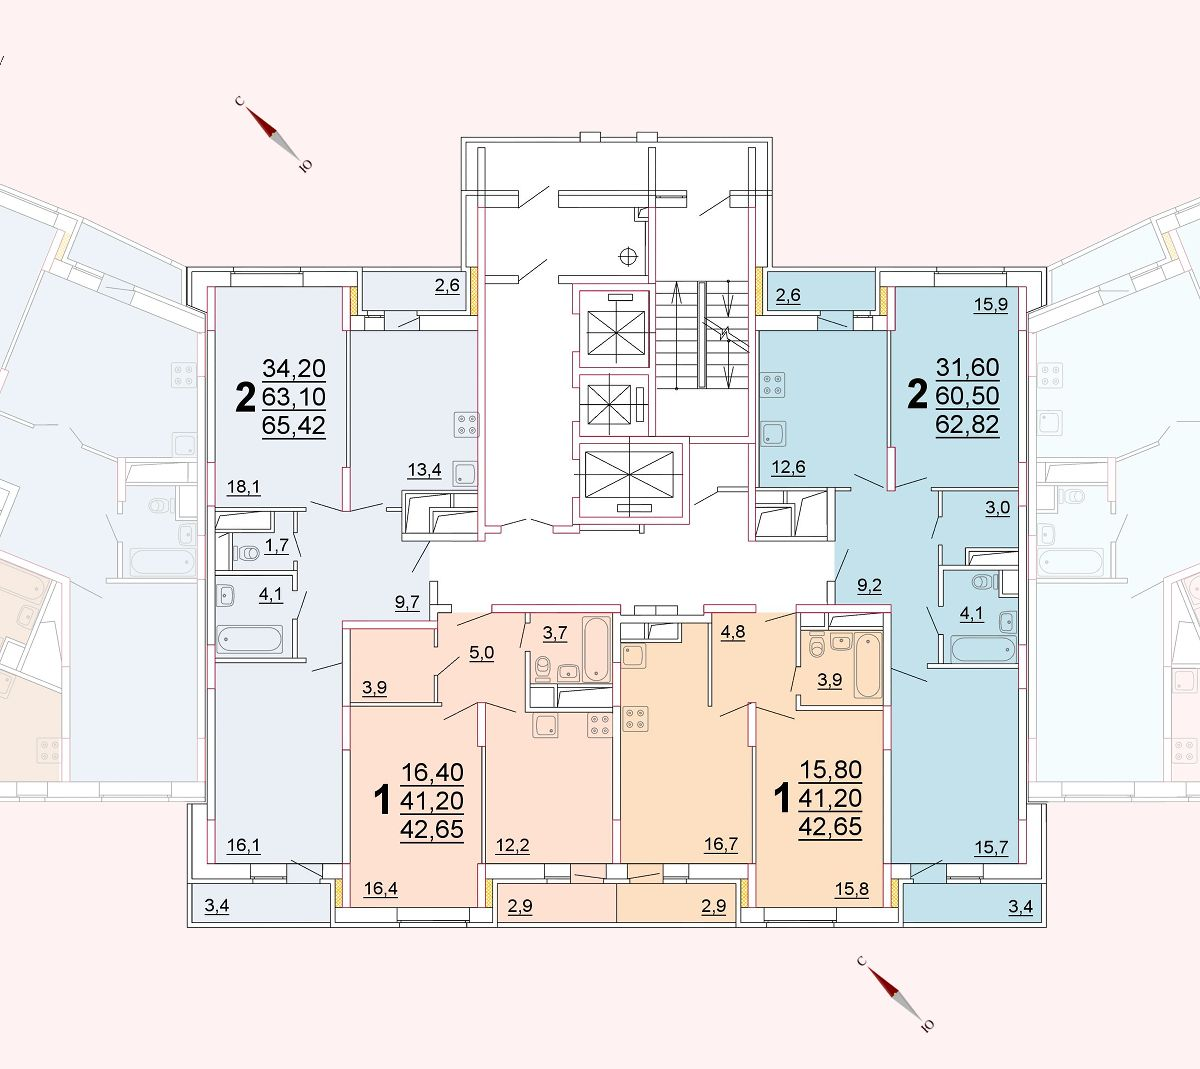 Микрорайон «Центральный», корпус 52г, секция 2, этаж/этажи 6-9